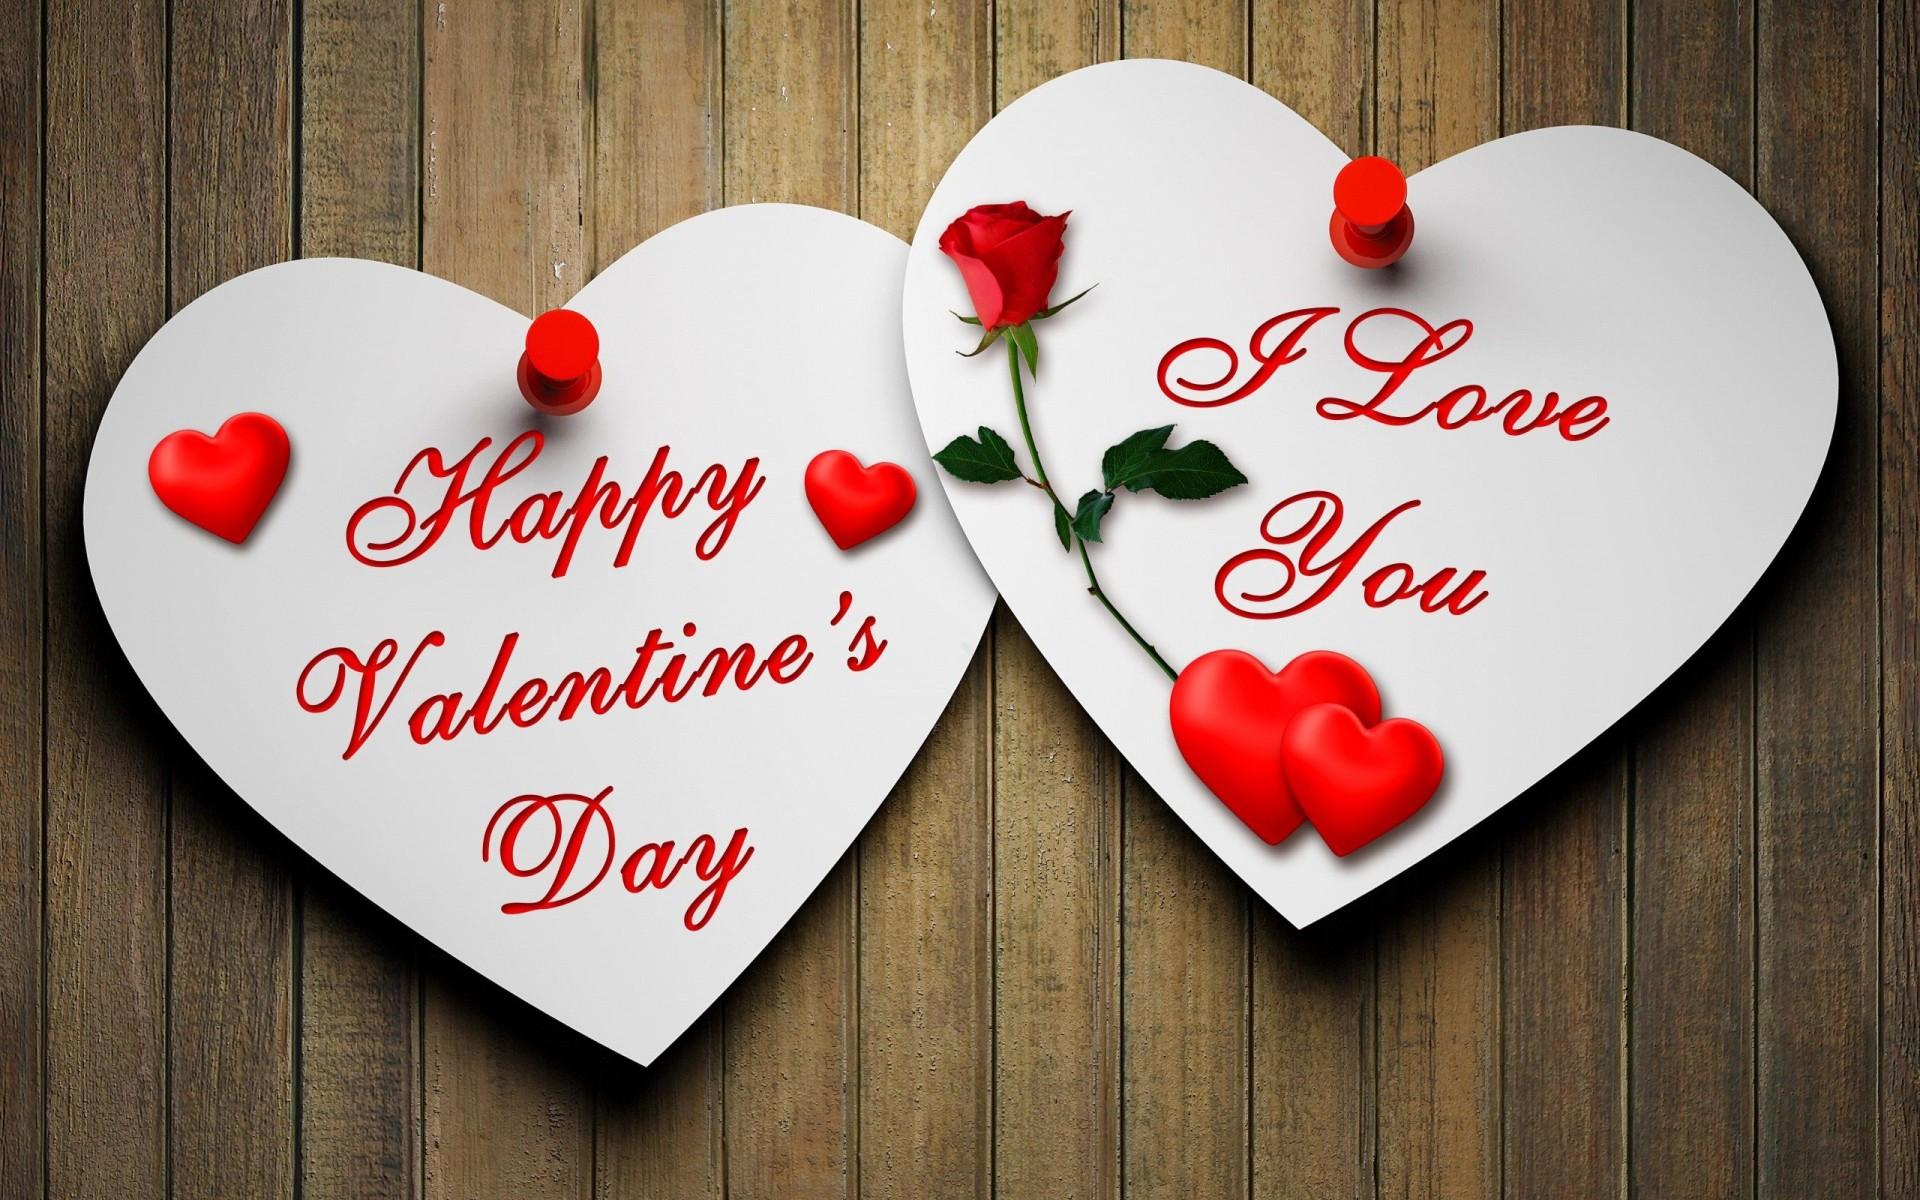 Top Beautiful I Love You Hd Photos Full Hd Hbc Wallpaper Love You